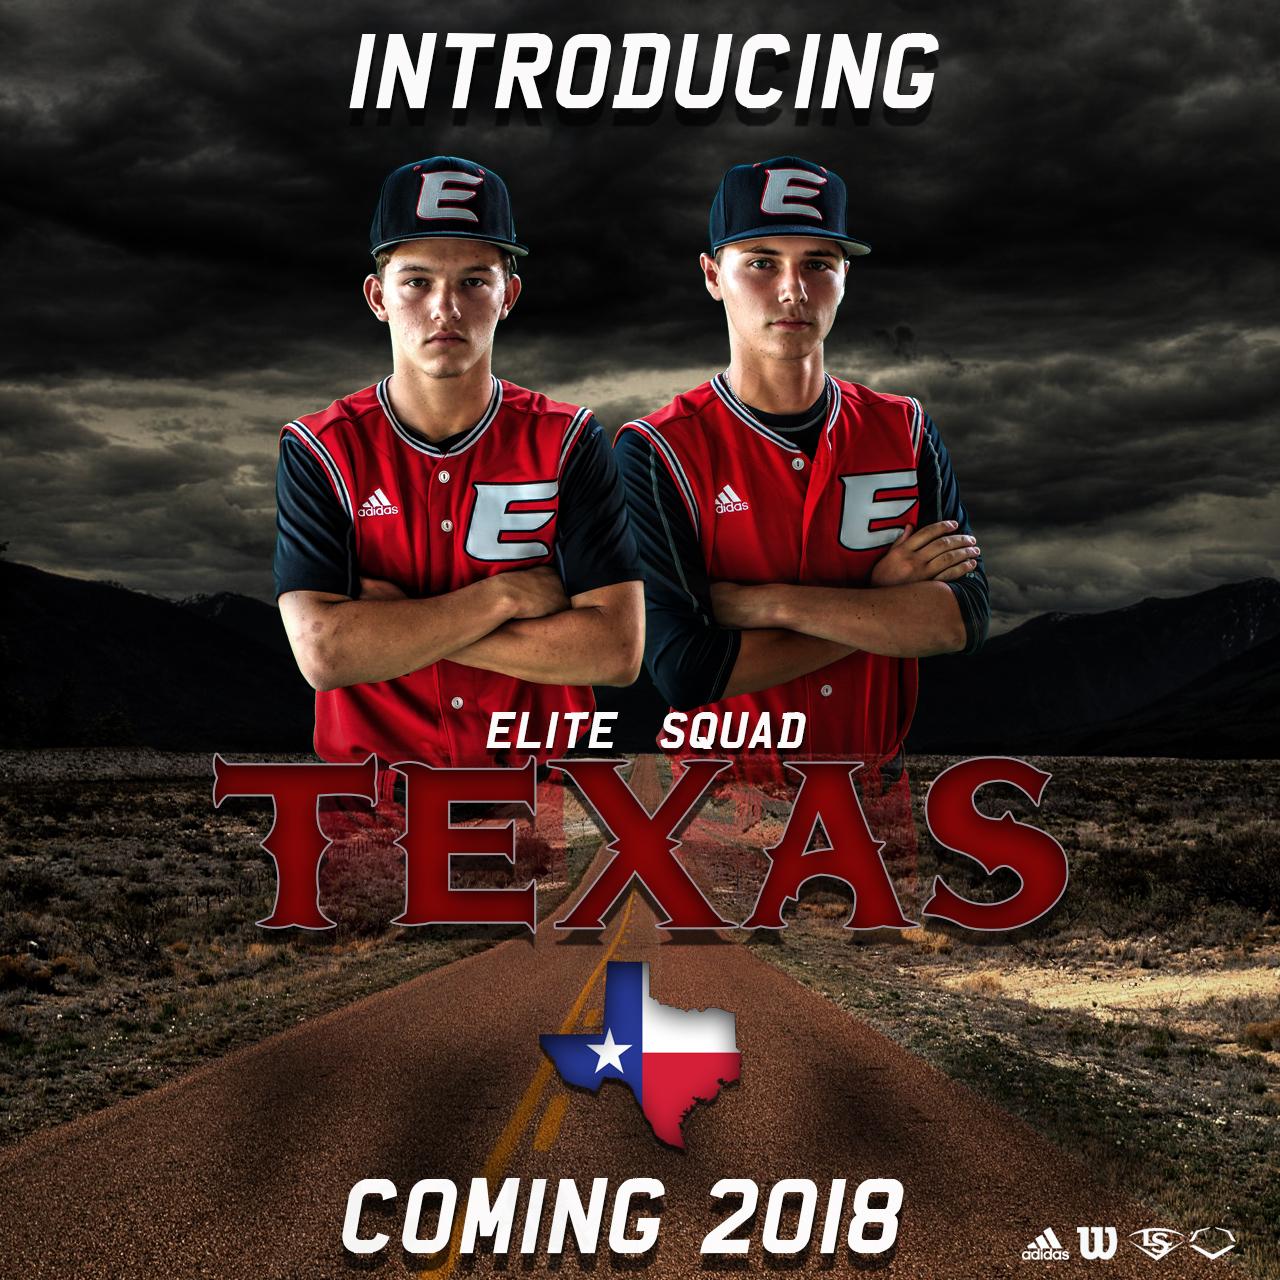 Elite-Squad-Texas